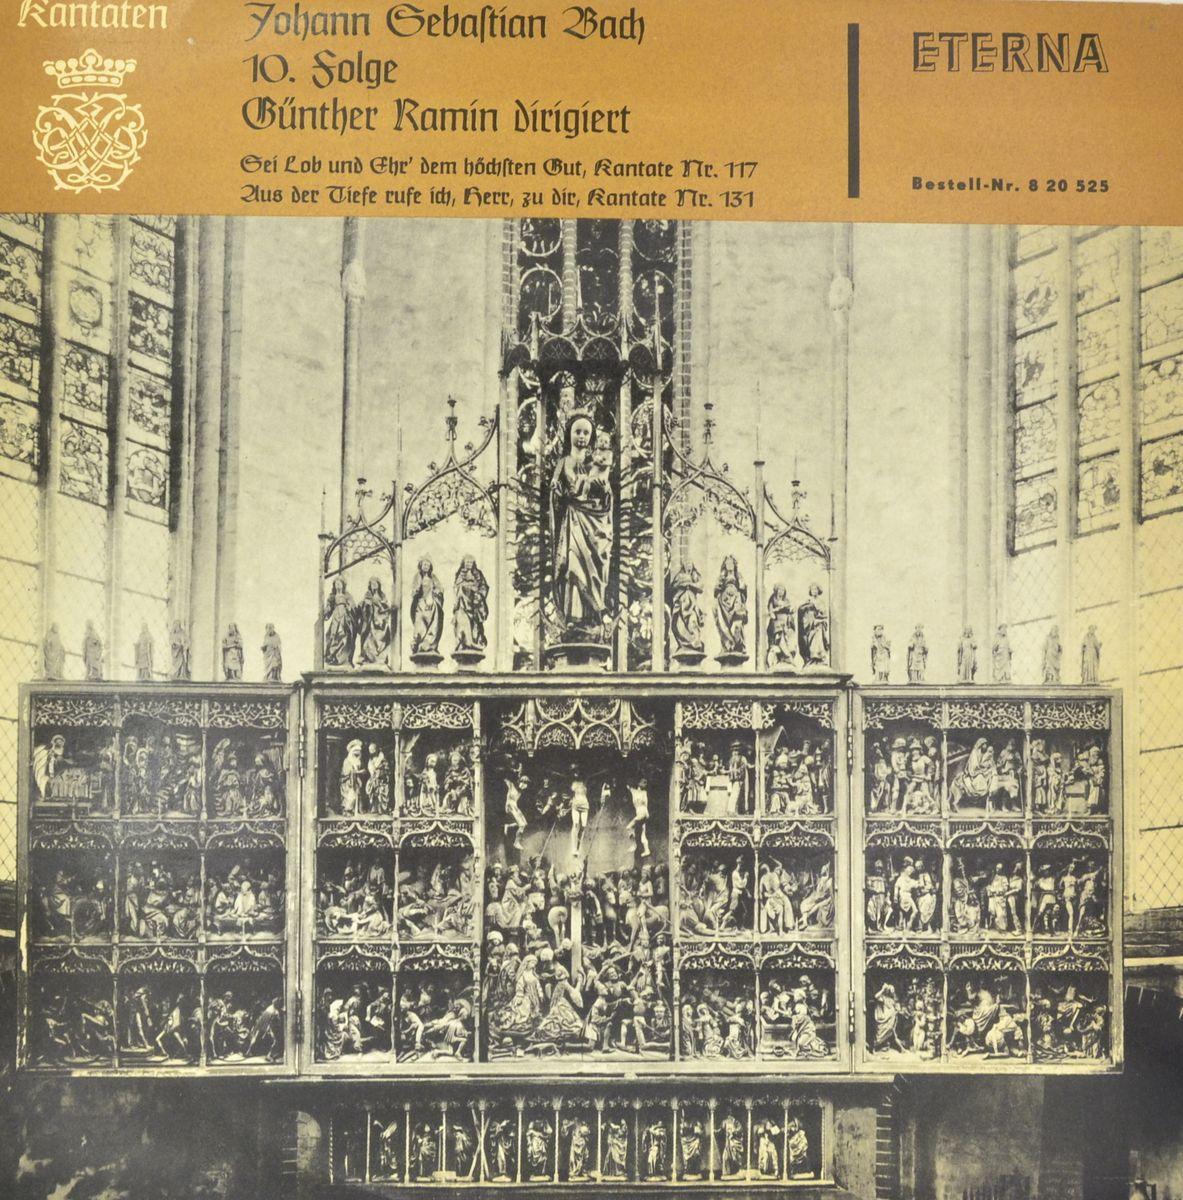 Johann Sebastian Bach, Gunther Ramin – Kantaten 10. Folge (LP) stefan hussong johann sebastian bach goldberg variations